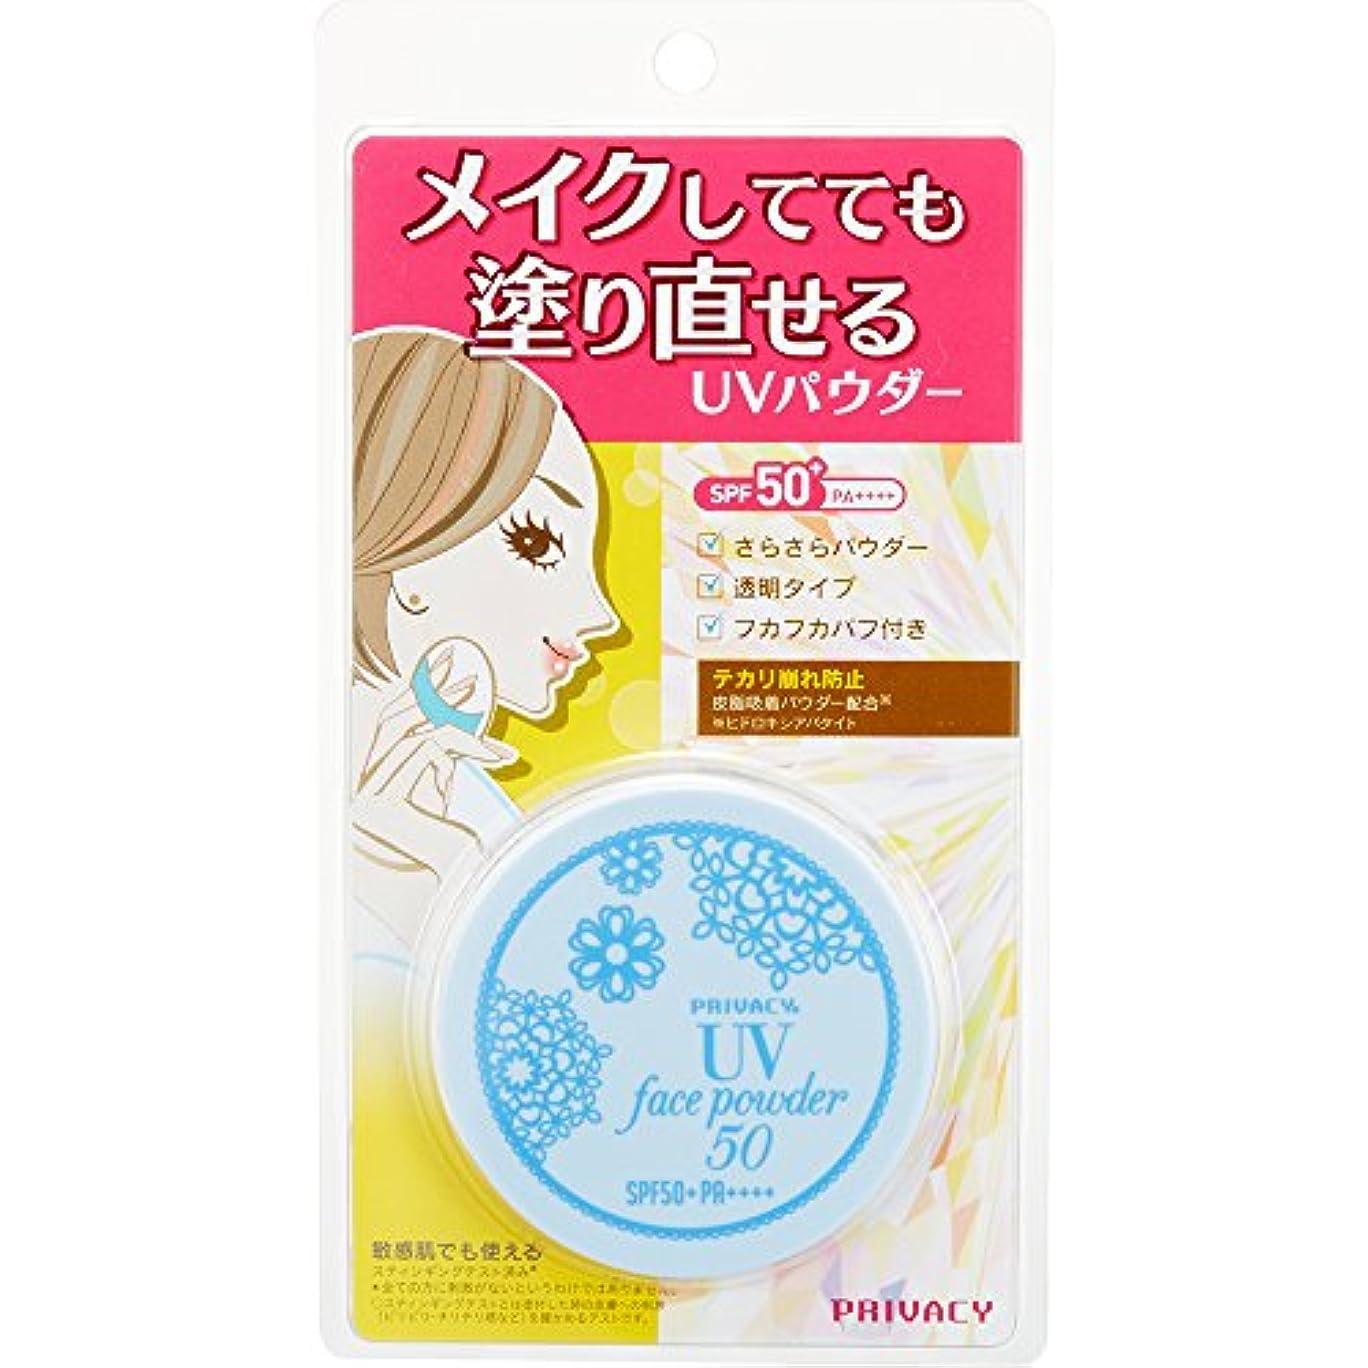 咳科学者香港プライバシー UVフェイスパウダー50 フォープラス 3.5g